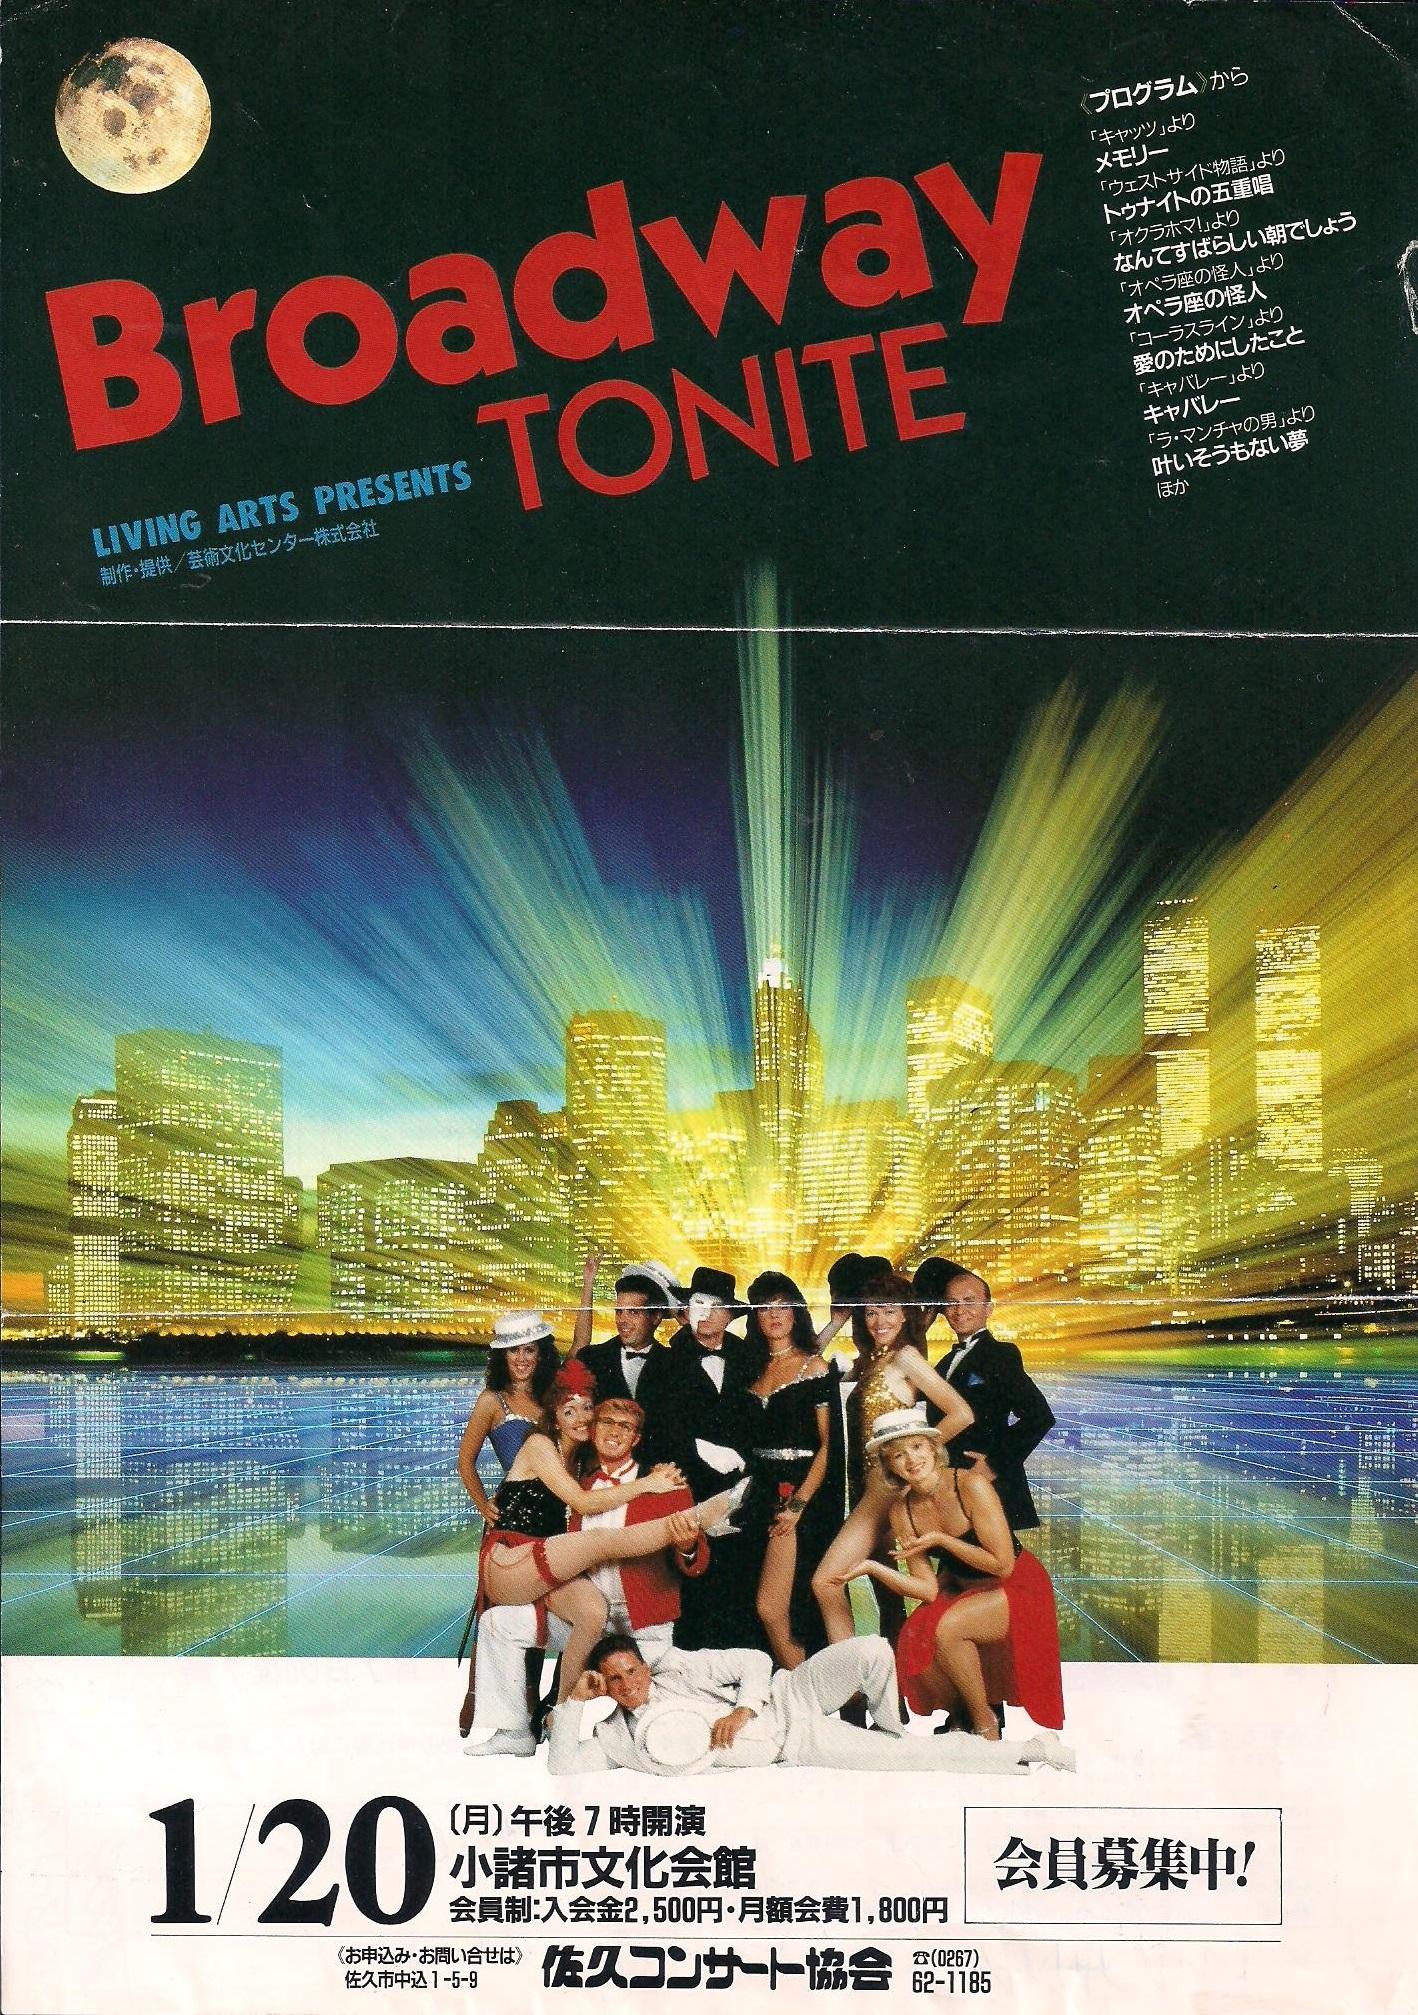 Broadway Tonite.jpg